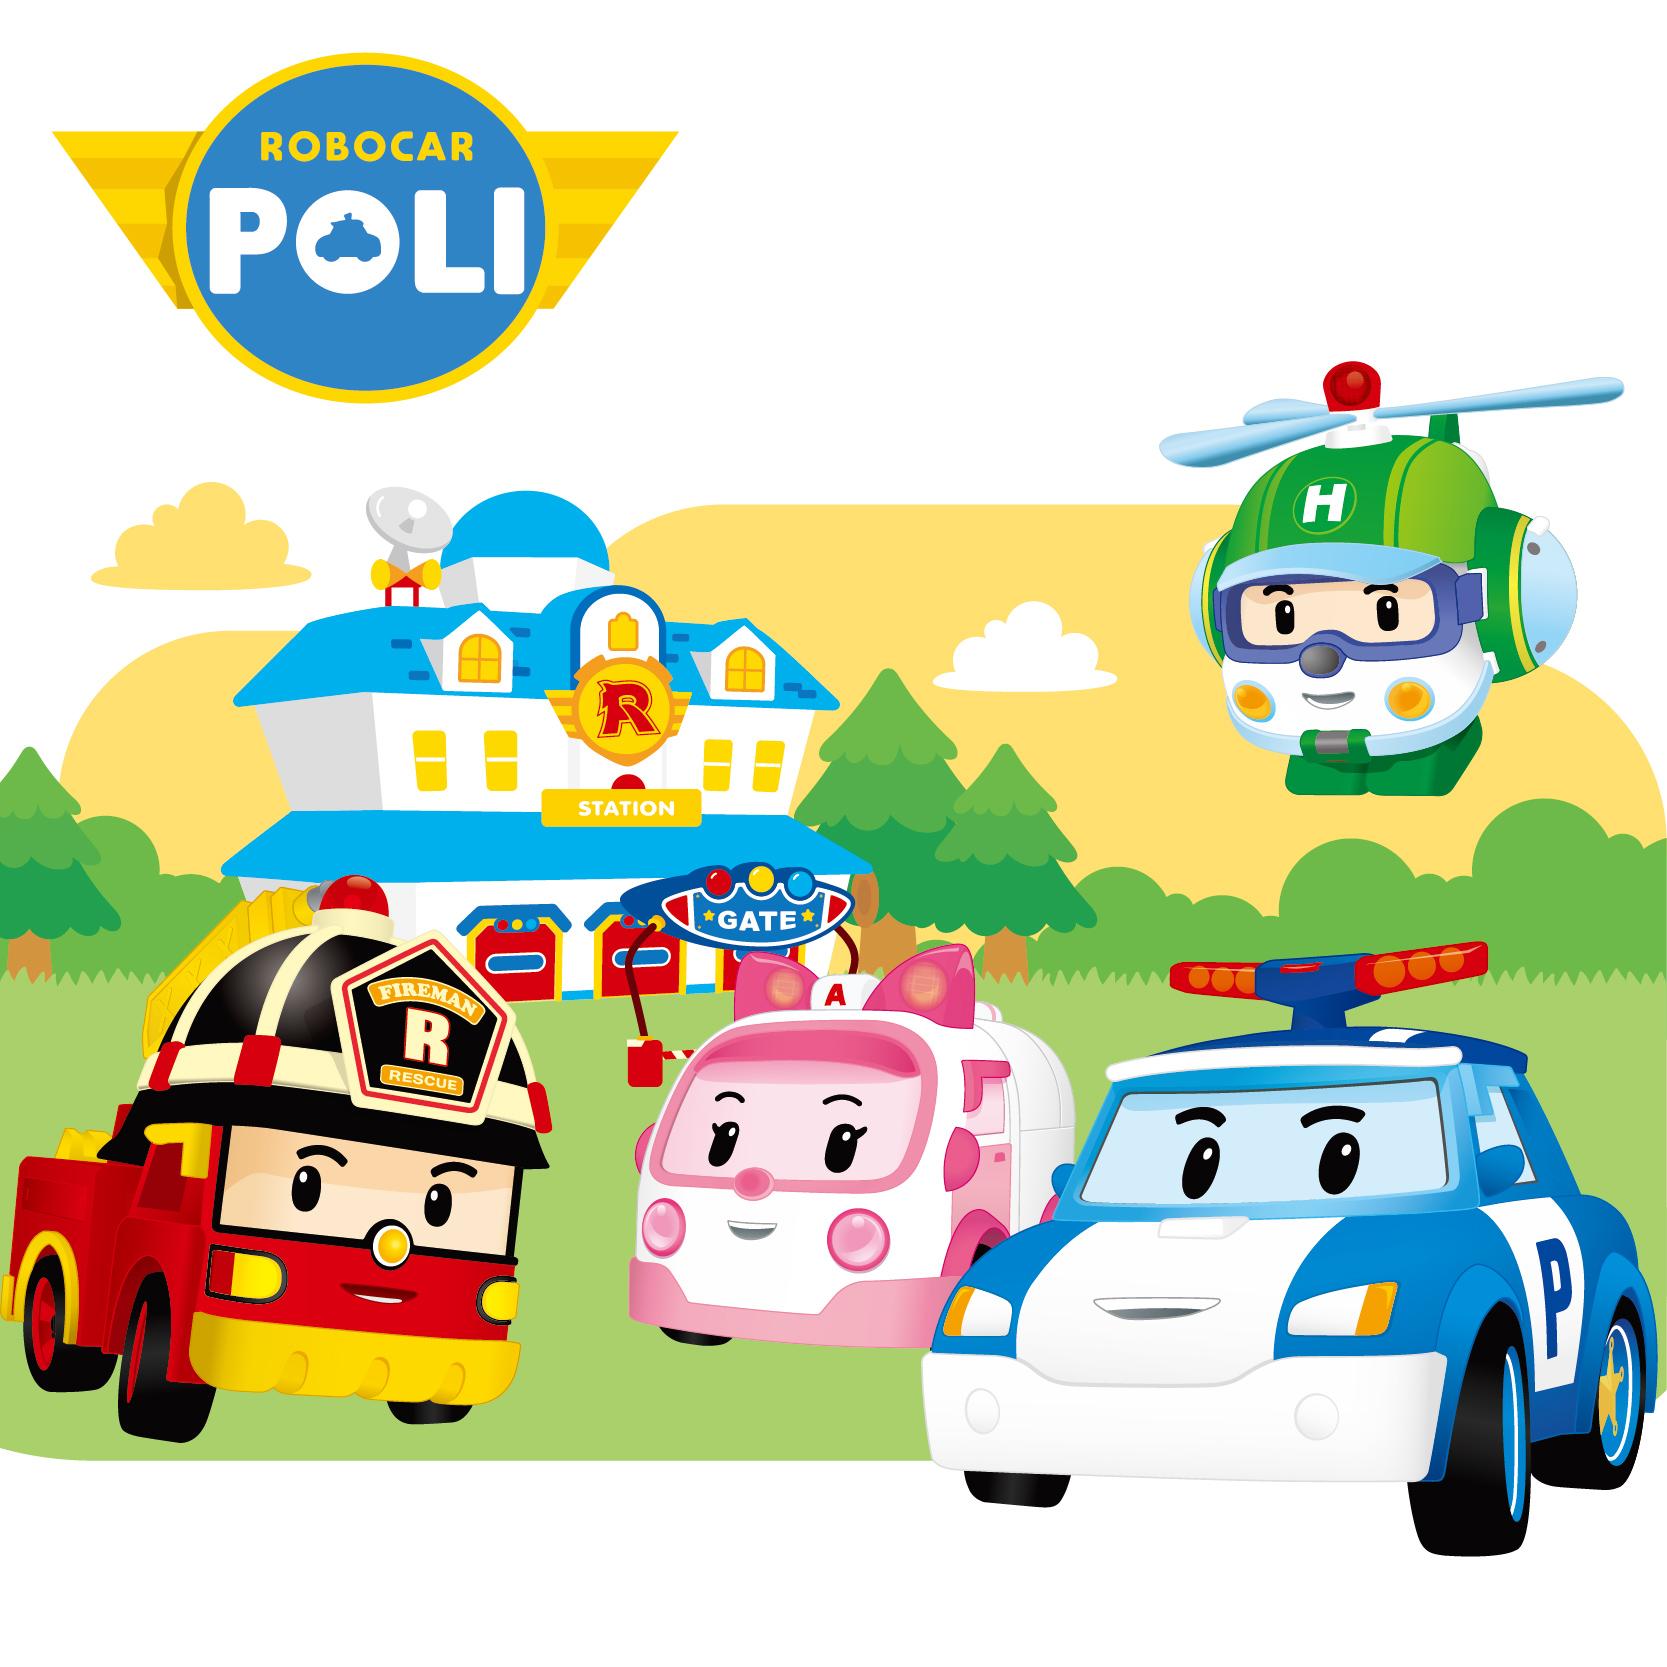 poli-logo_工作區域 1.jpg